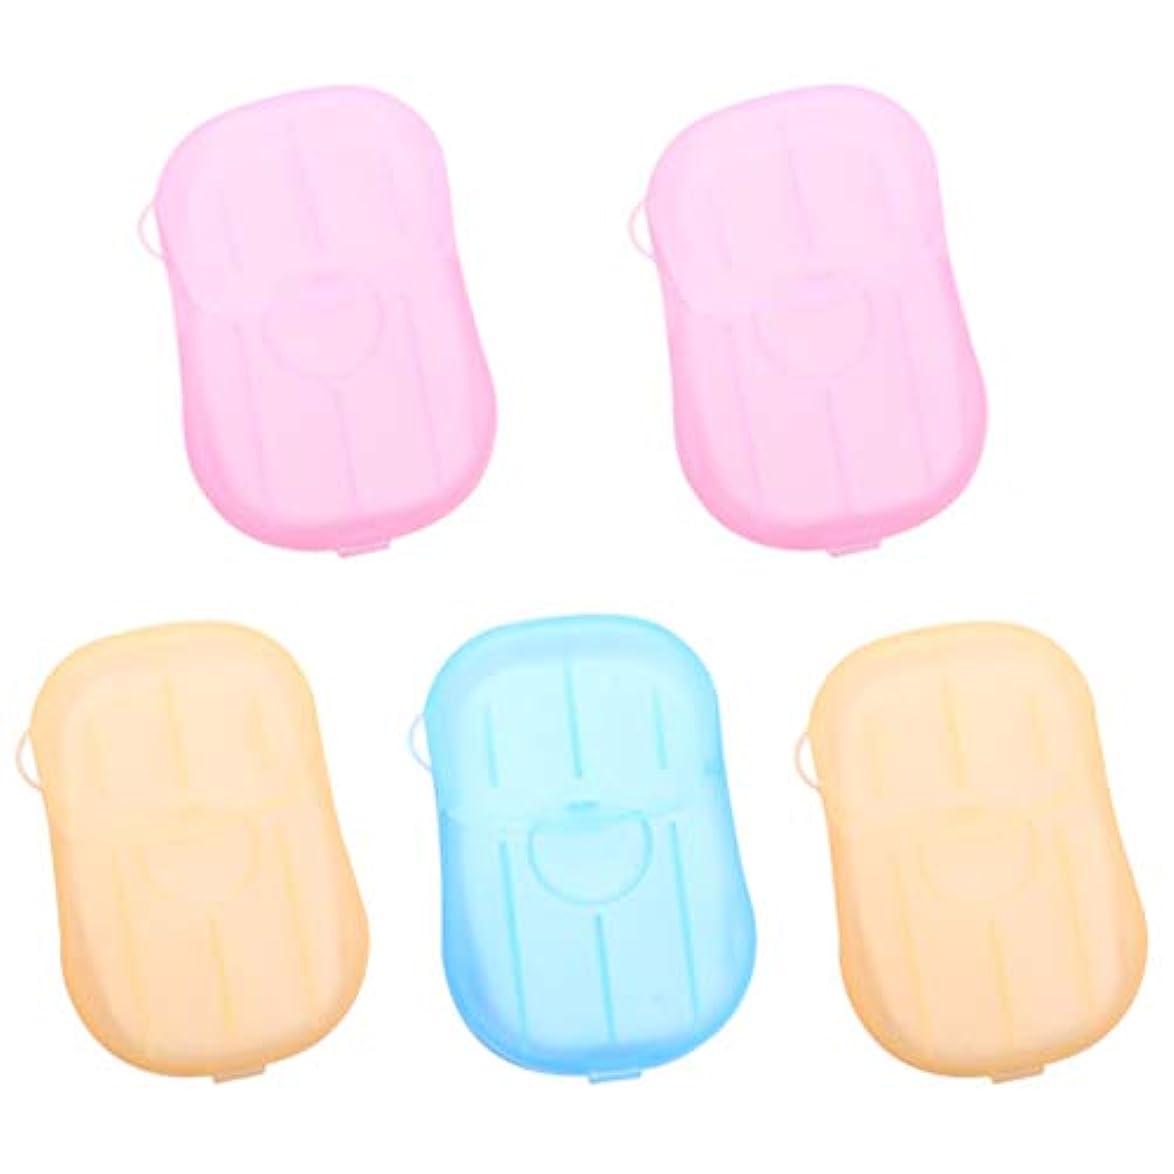 スペイン語補償信頼できるHEALLILY 使い捨て石鹸シート10枚の石鹸紙フレークハンドソープトラベルソープシートを洗う旅行用ホームバスルームアクセサリー(2 *青+ 4 *ピンク+ 4 *黄色)